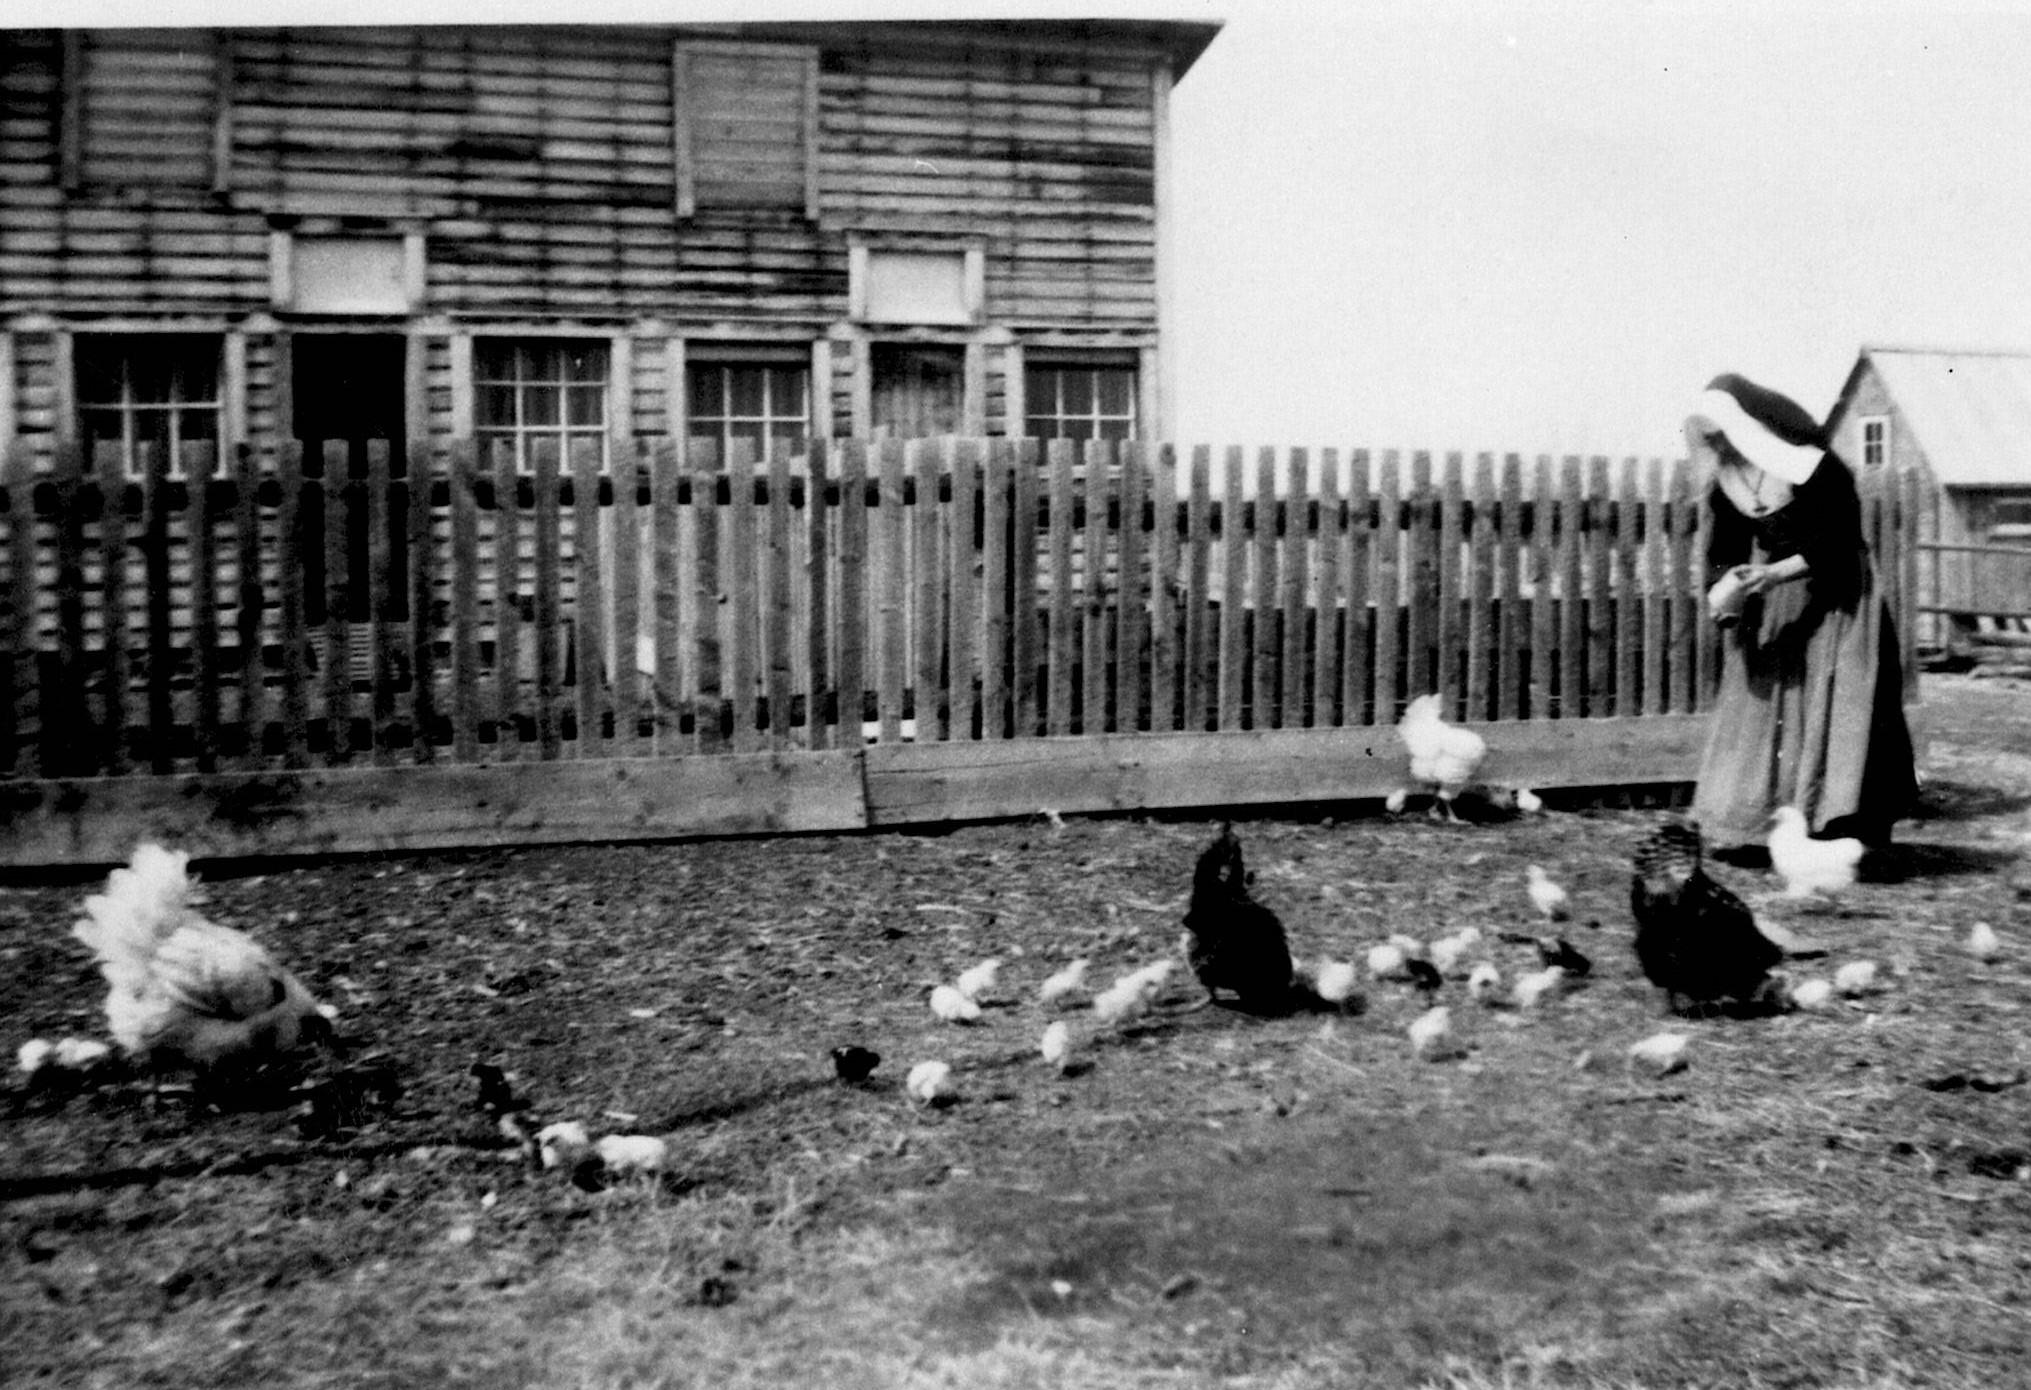 Image courtesy of the Lac La Biche Mission Historical Society